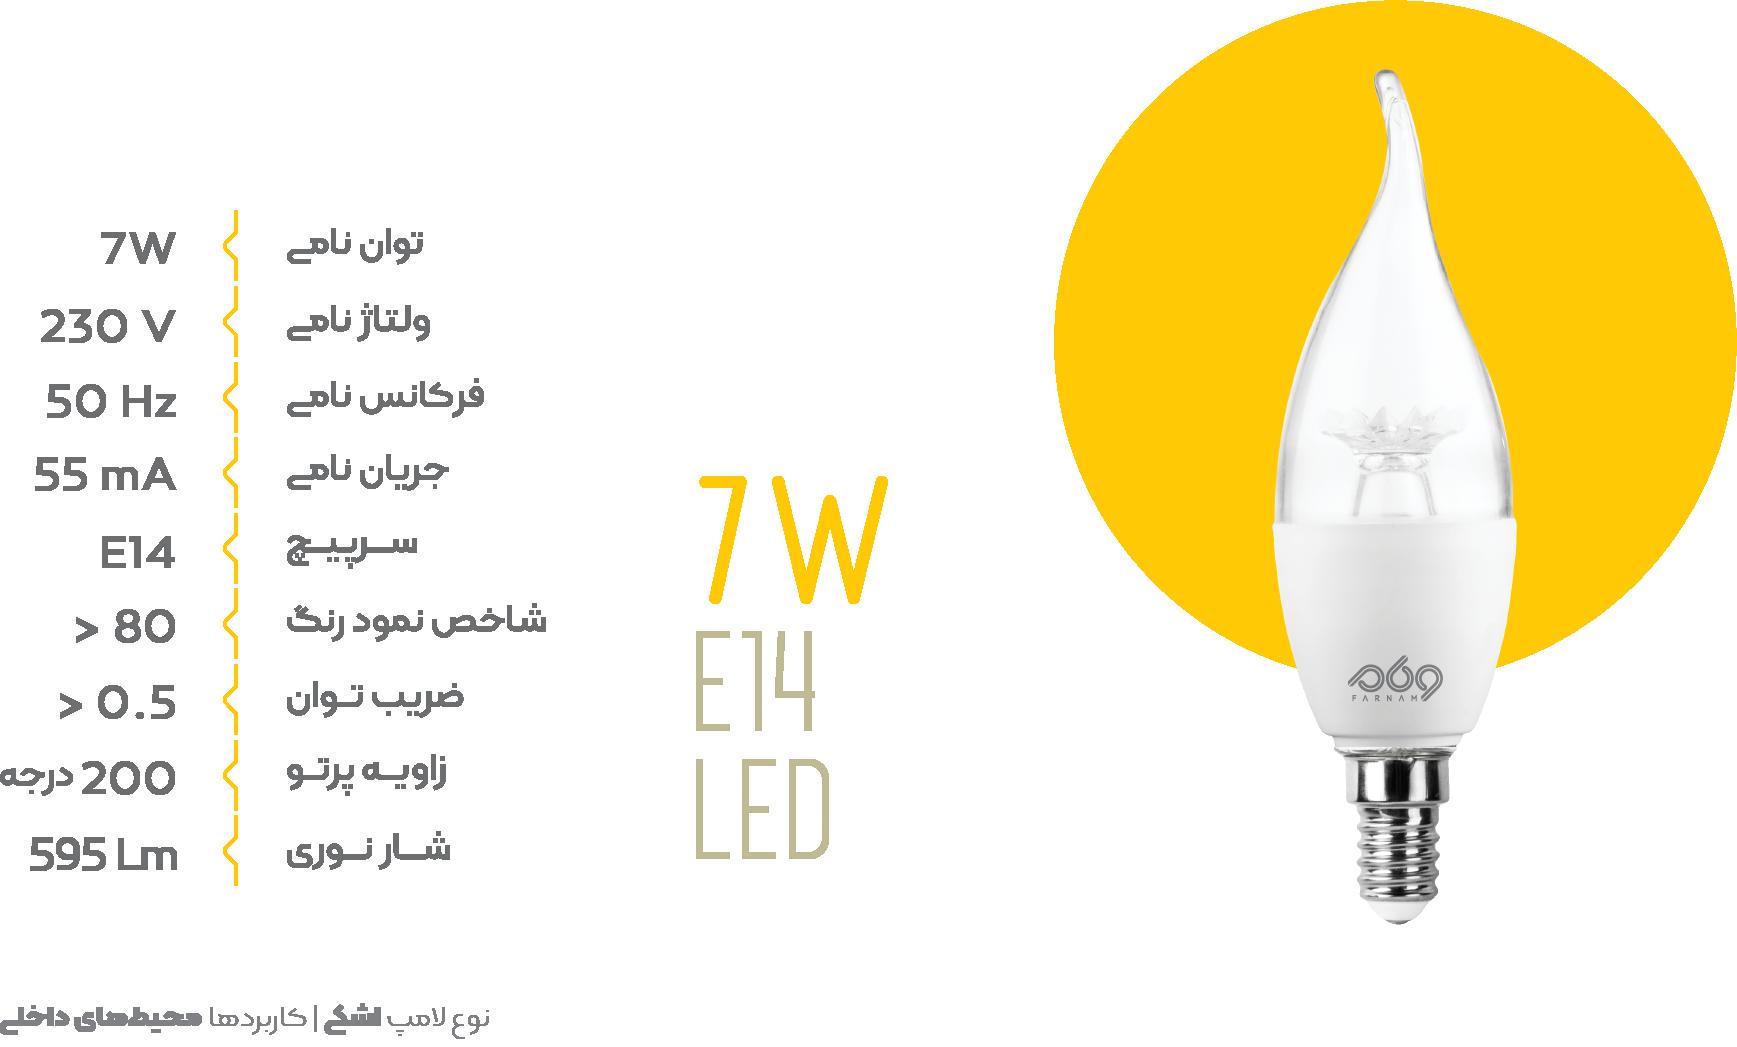 لامپ اشکی 7W E14 LED